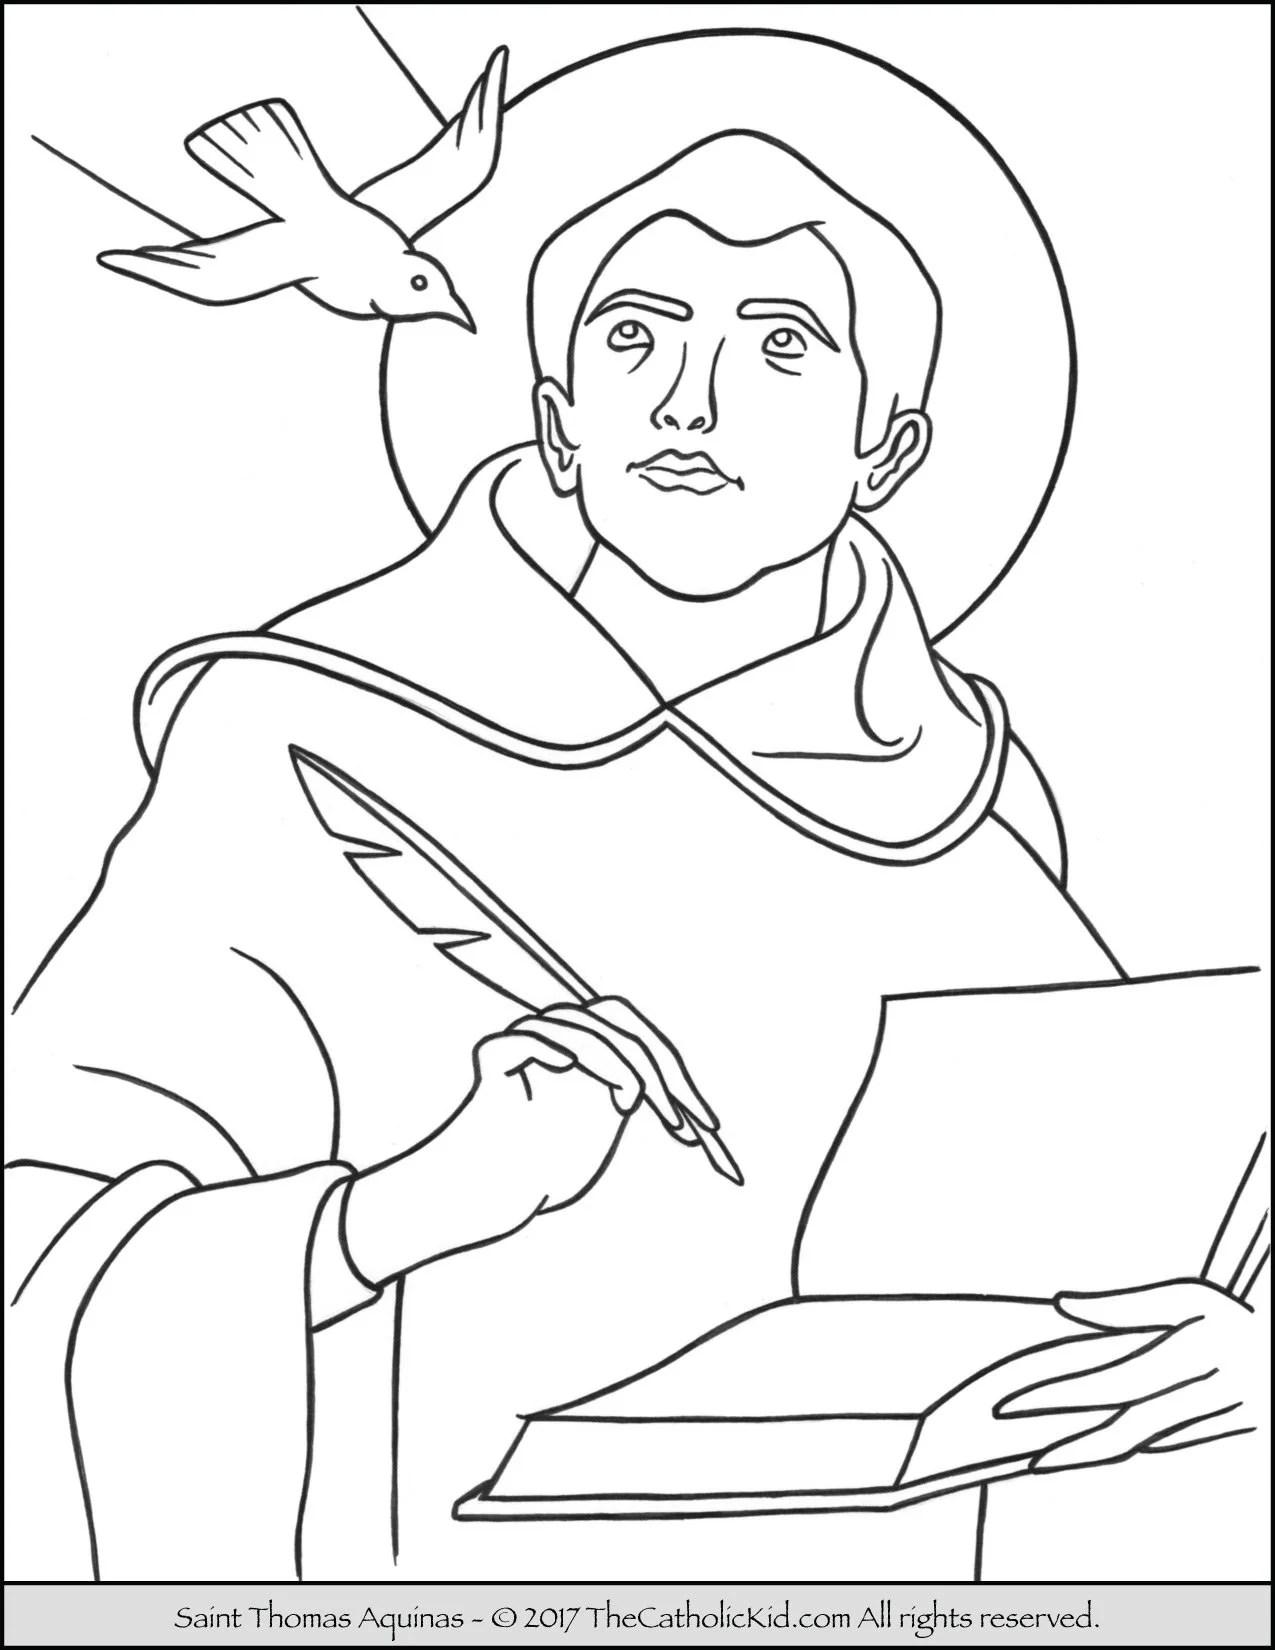 Saint Thomas Aquinas Coloring Page